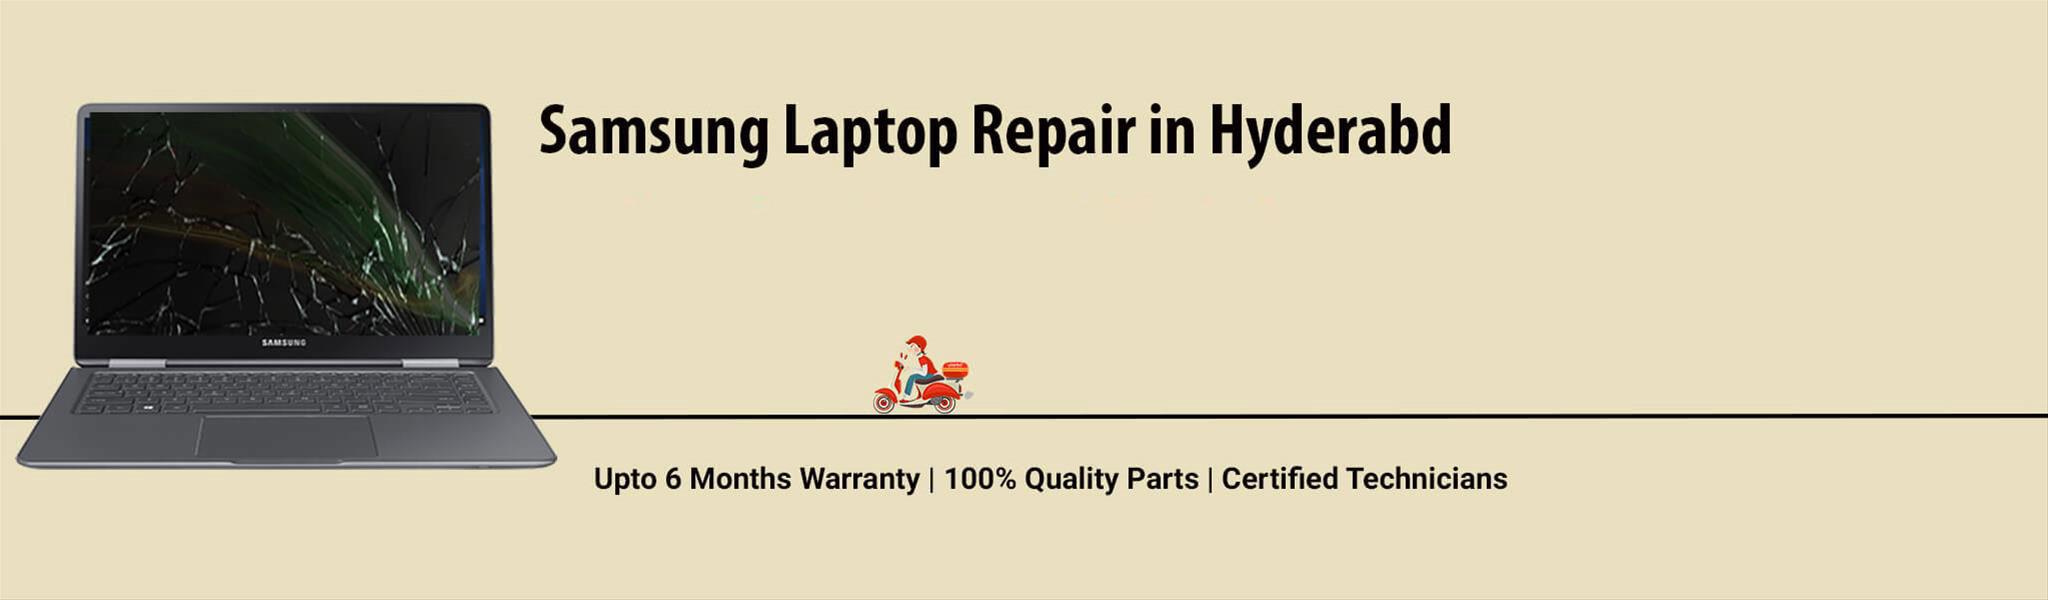 samsung-laptop-banner-hyderabad.jpg